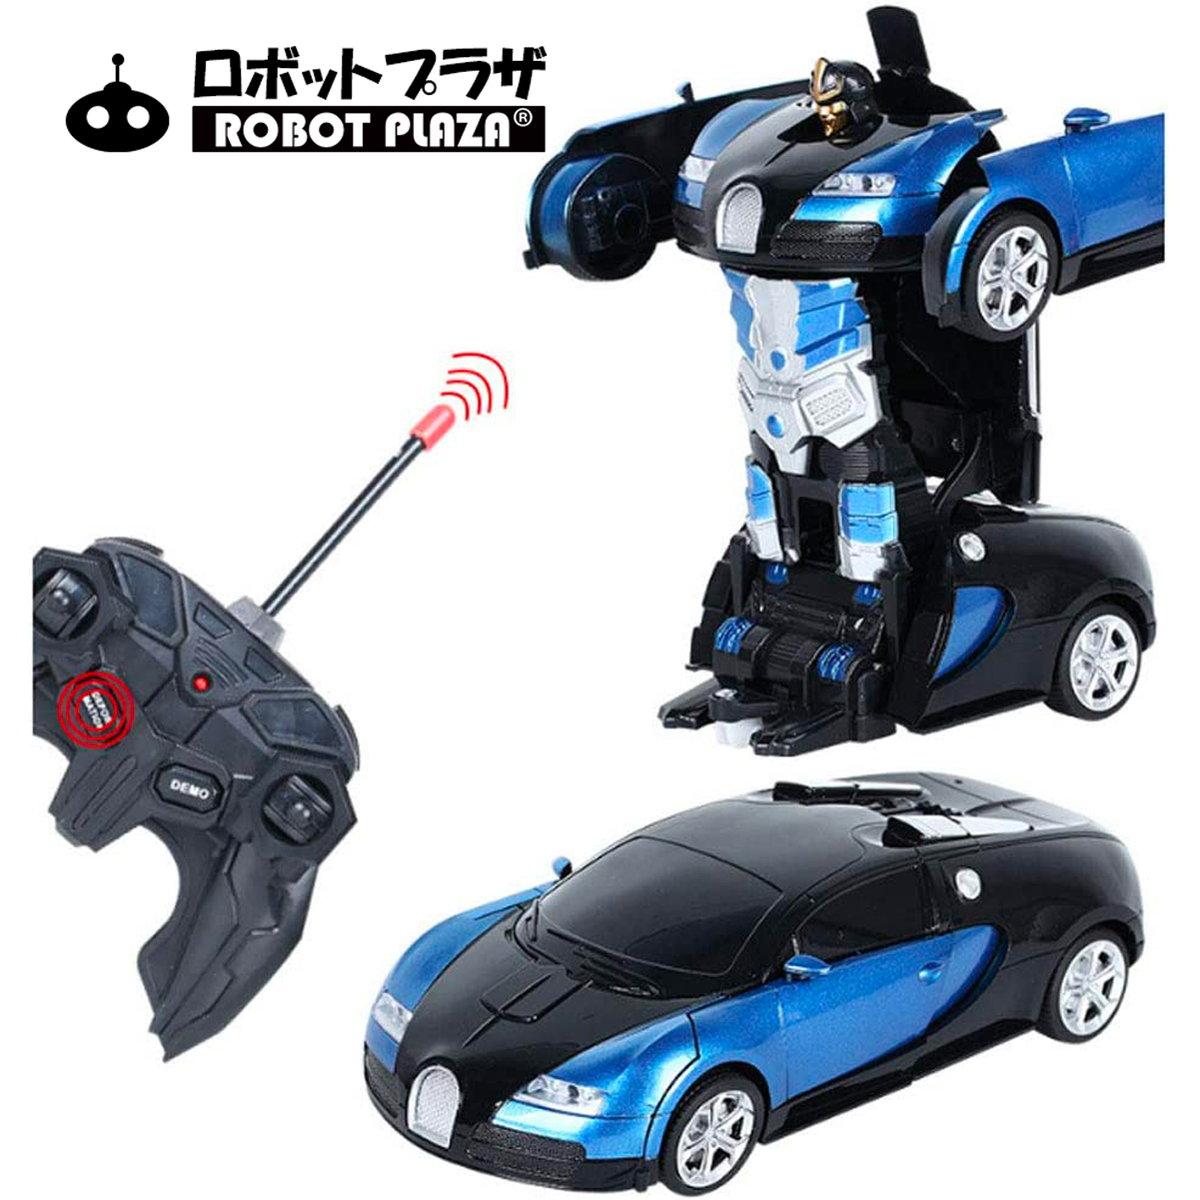 トランスフォーマー おもちゃ 変形 ラジコン 変形おもちゃ ラジコンカー ロボット 子供